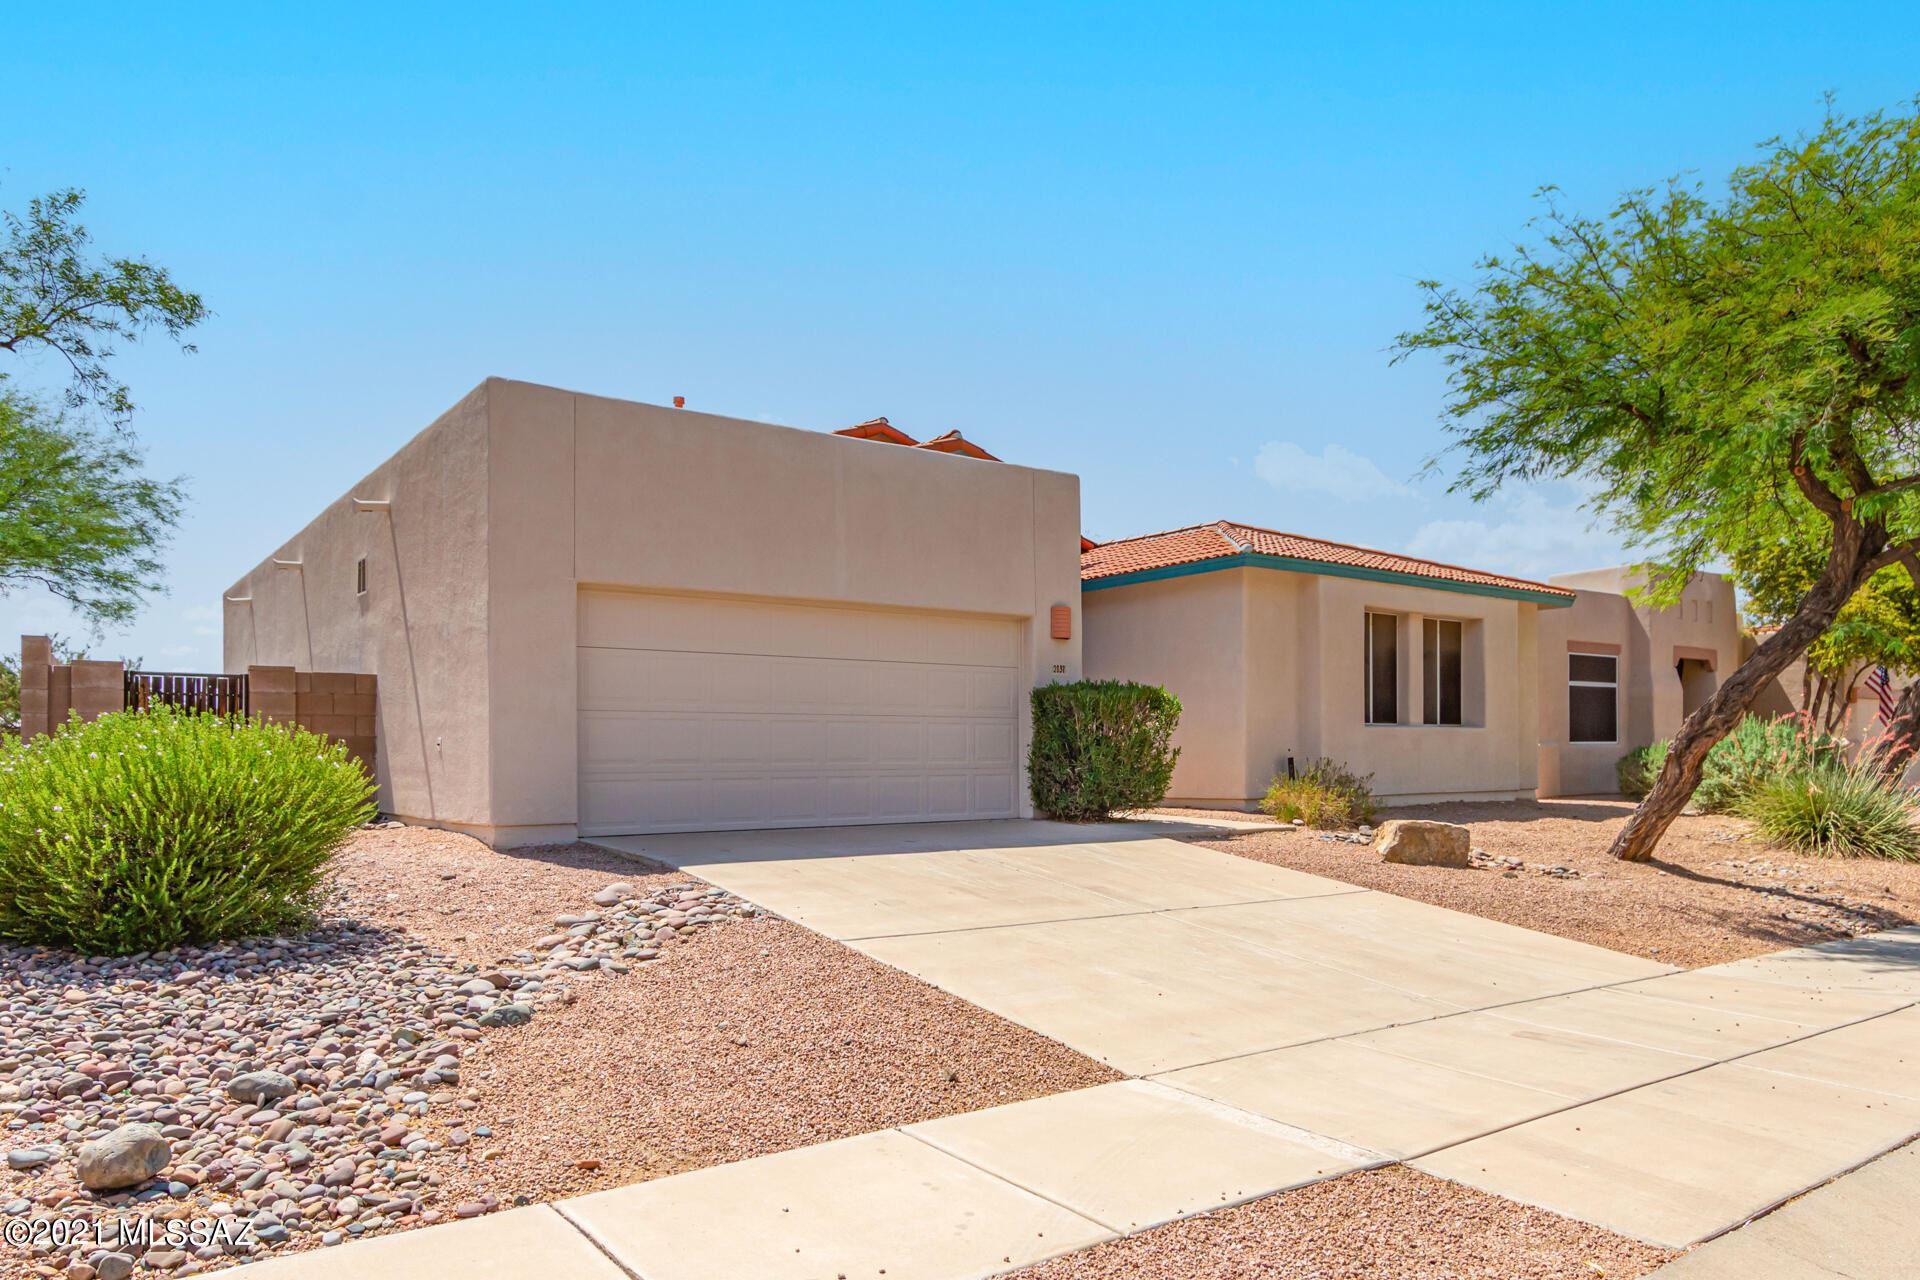 2037 N Camino Agrios, Tucson, AZ 85715 - #: 22117805